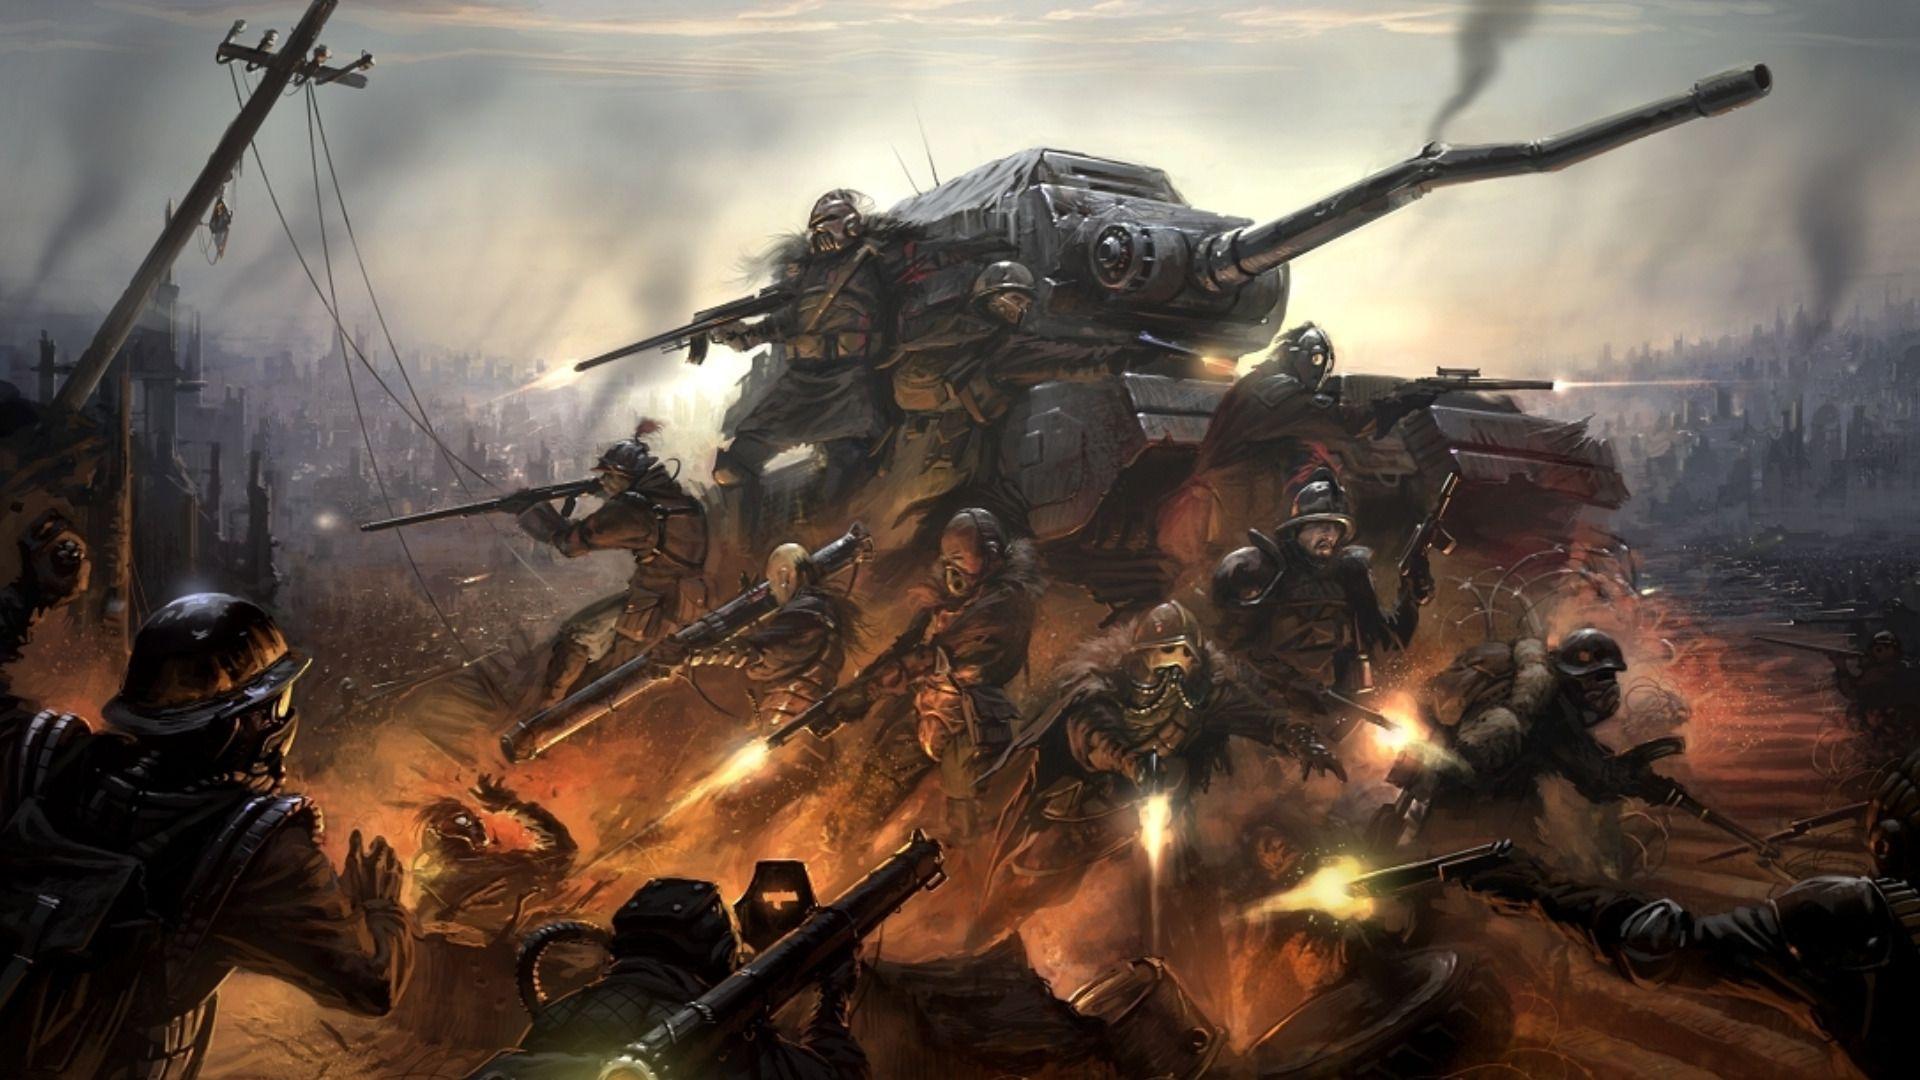 War Battle Wallpapers Top Free War Battle Backgrounds Wallpaperaccess